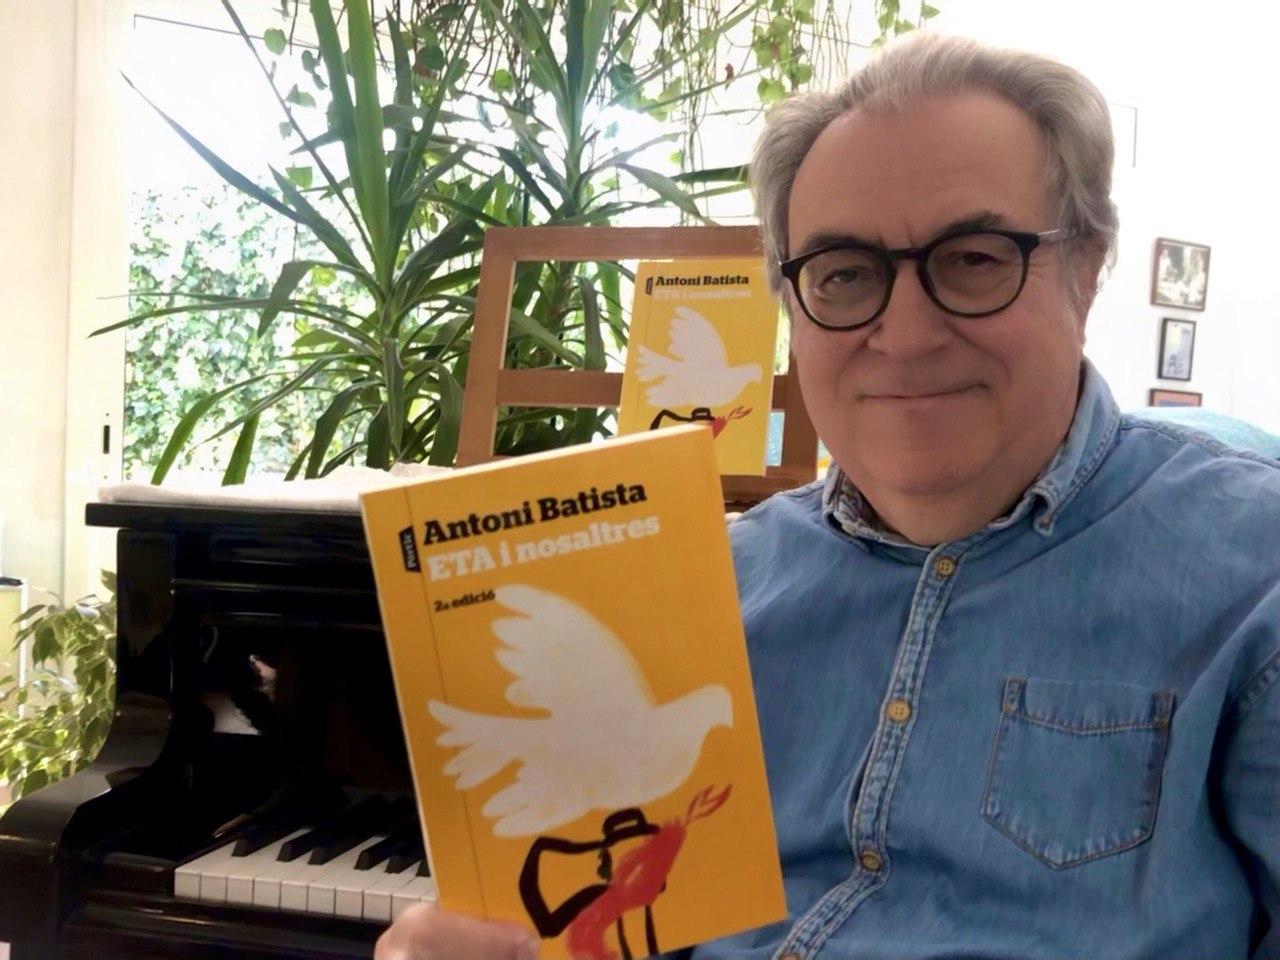 Antoni Batista i nosaltres: 50 urte Euskal Herriaz idazten